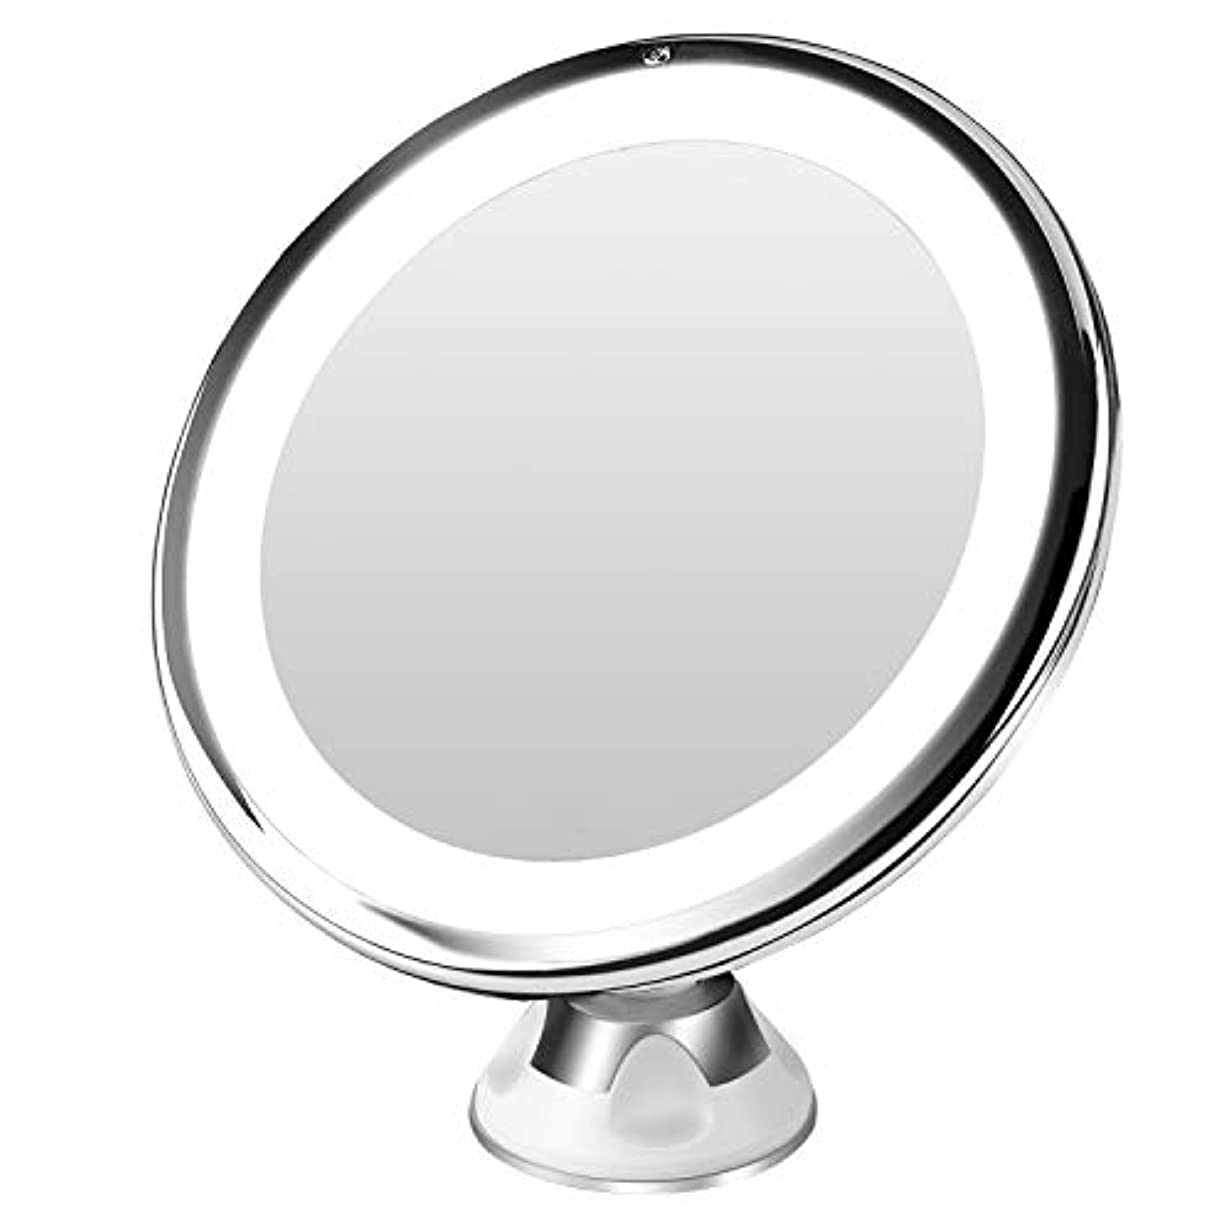 光沢聴く春BESTOPE 10倍拡大鏡 LED化粧鏡 浴室鏡 卓上鏡 曇らないミラー 吸盤ロック付きLEDミラー 壁掛けメイクミラー 360度回転スタンドミラー 単四電池&USB給電(改良版)